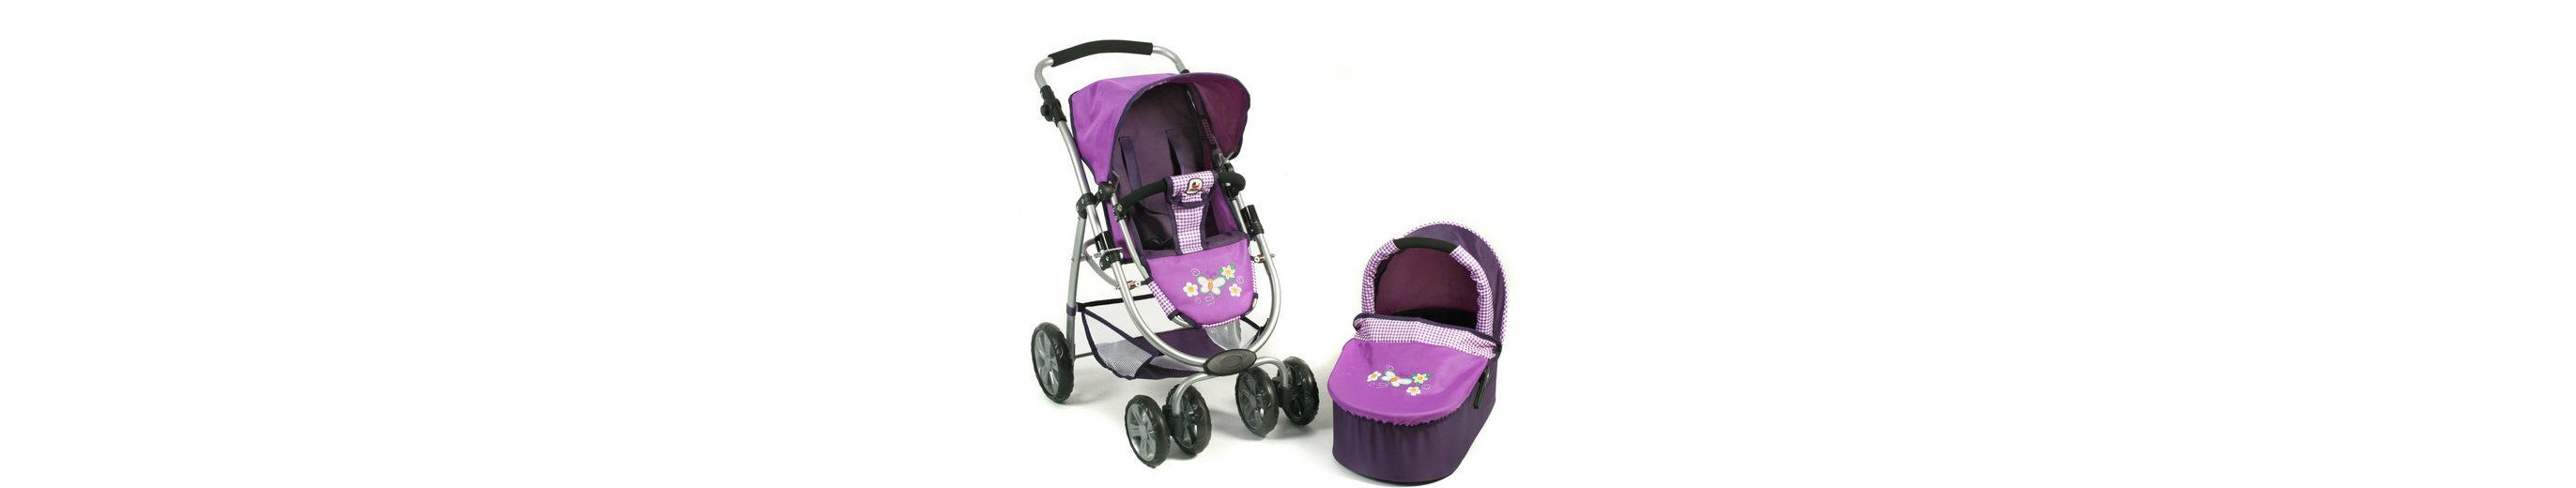 CHIC2000 Puppenwagen Kombi, »BELLINA 2 in 1 Purple«